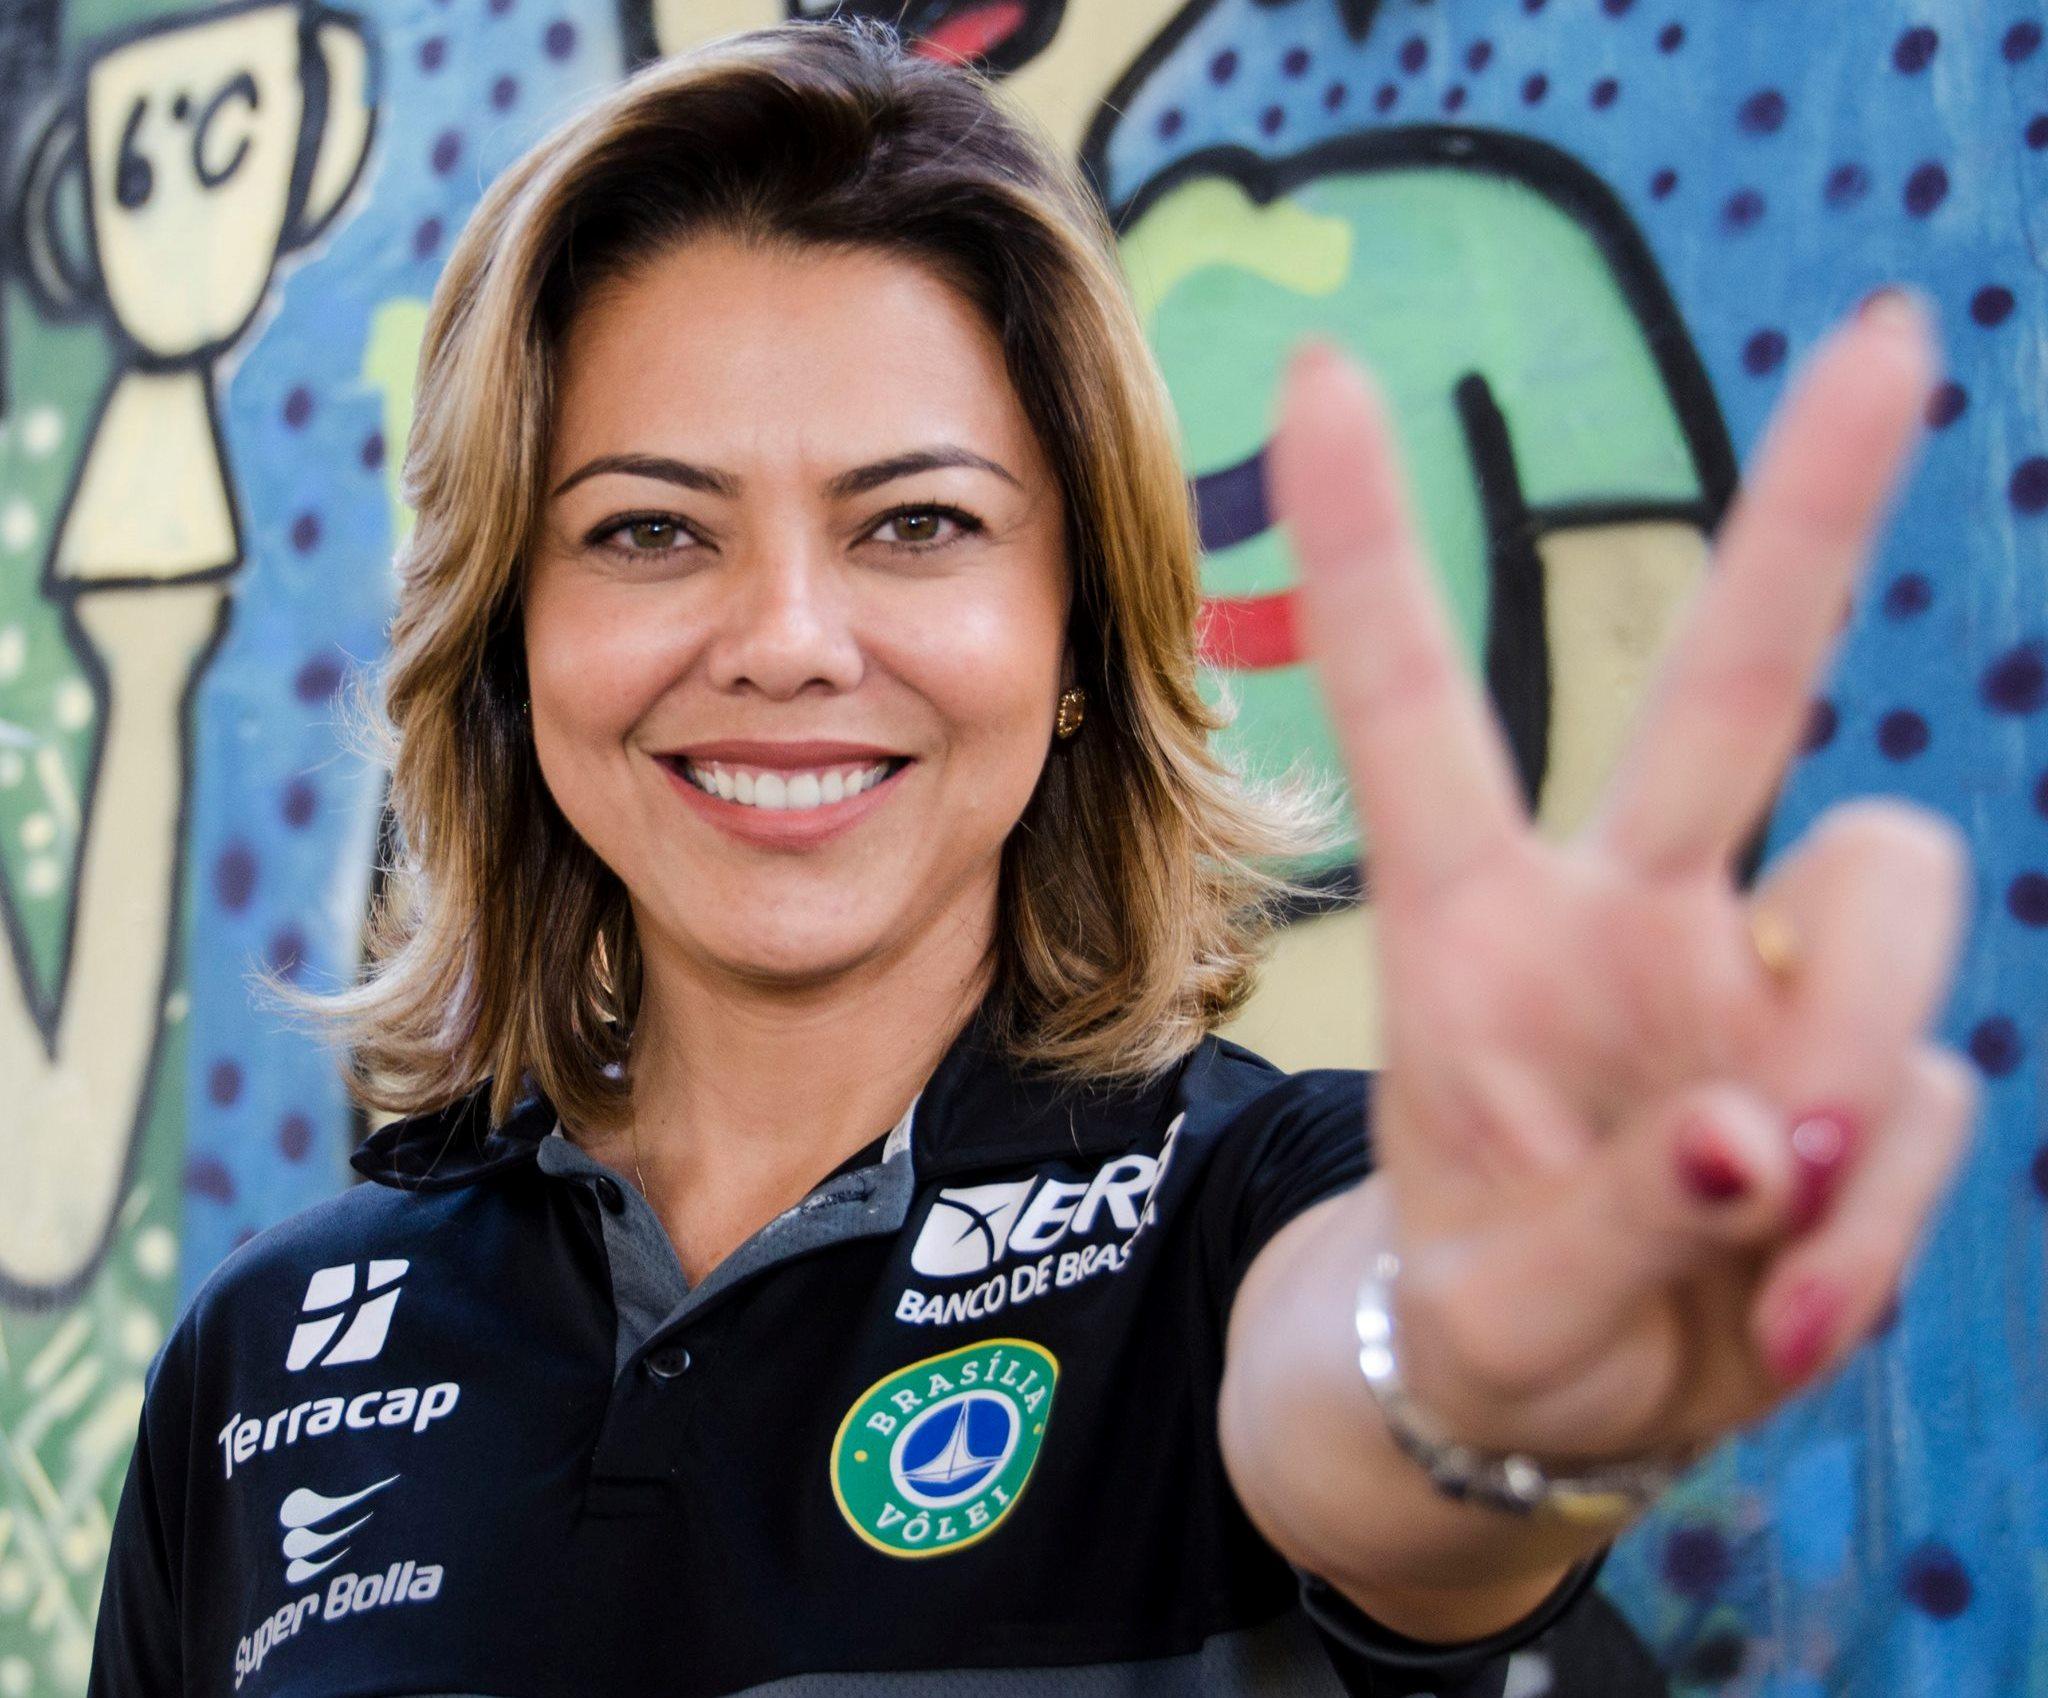 leila volei senador radio corredor - Leila vacilou e Brasília perdeu